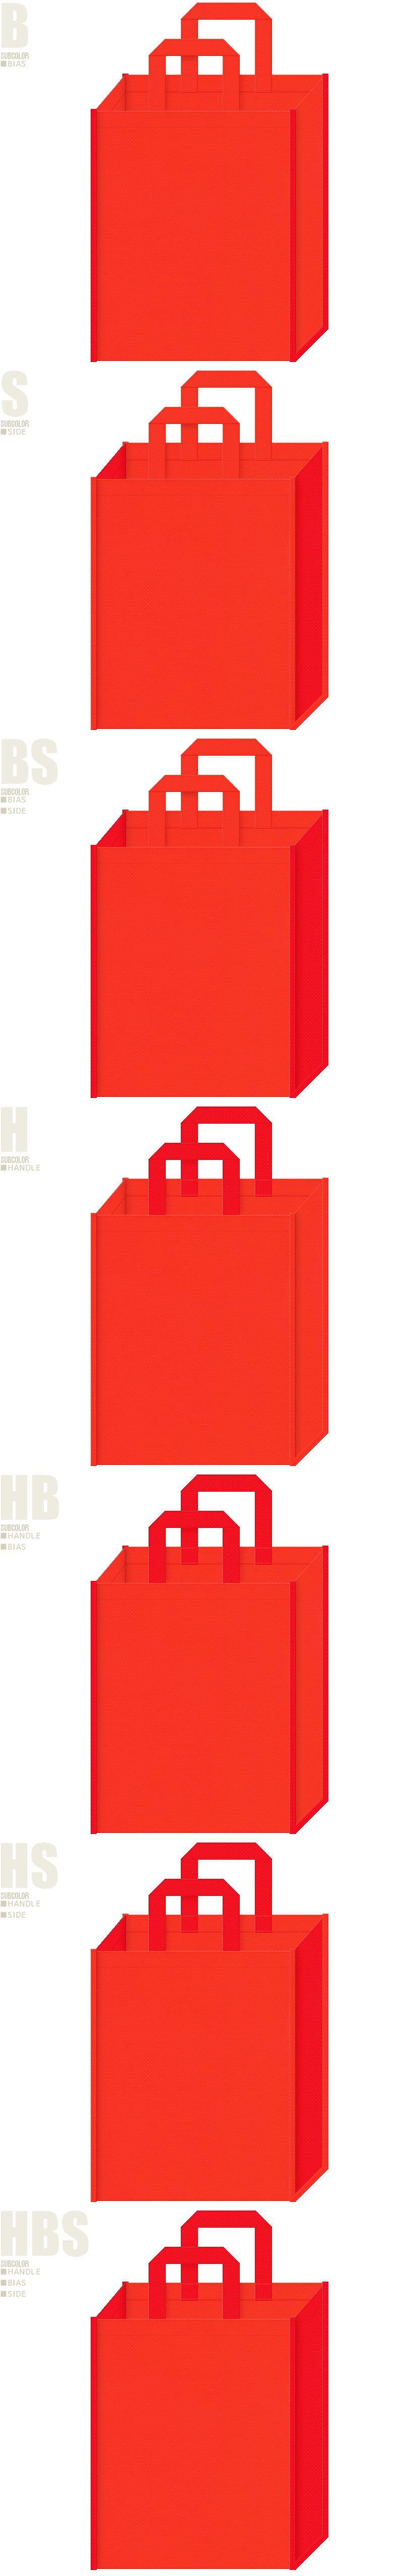 タバスコ・ラー油・サプリメント・太陽・エネルギー・暖房器具・スポーツ・キャンプ・バーベキュー・アウトドア・紅葉・観光・秋のイベントにお奨めの不織布バッグデザイン:オレンジ色と赤色の配色7パターン